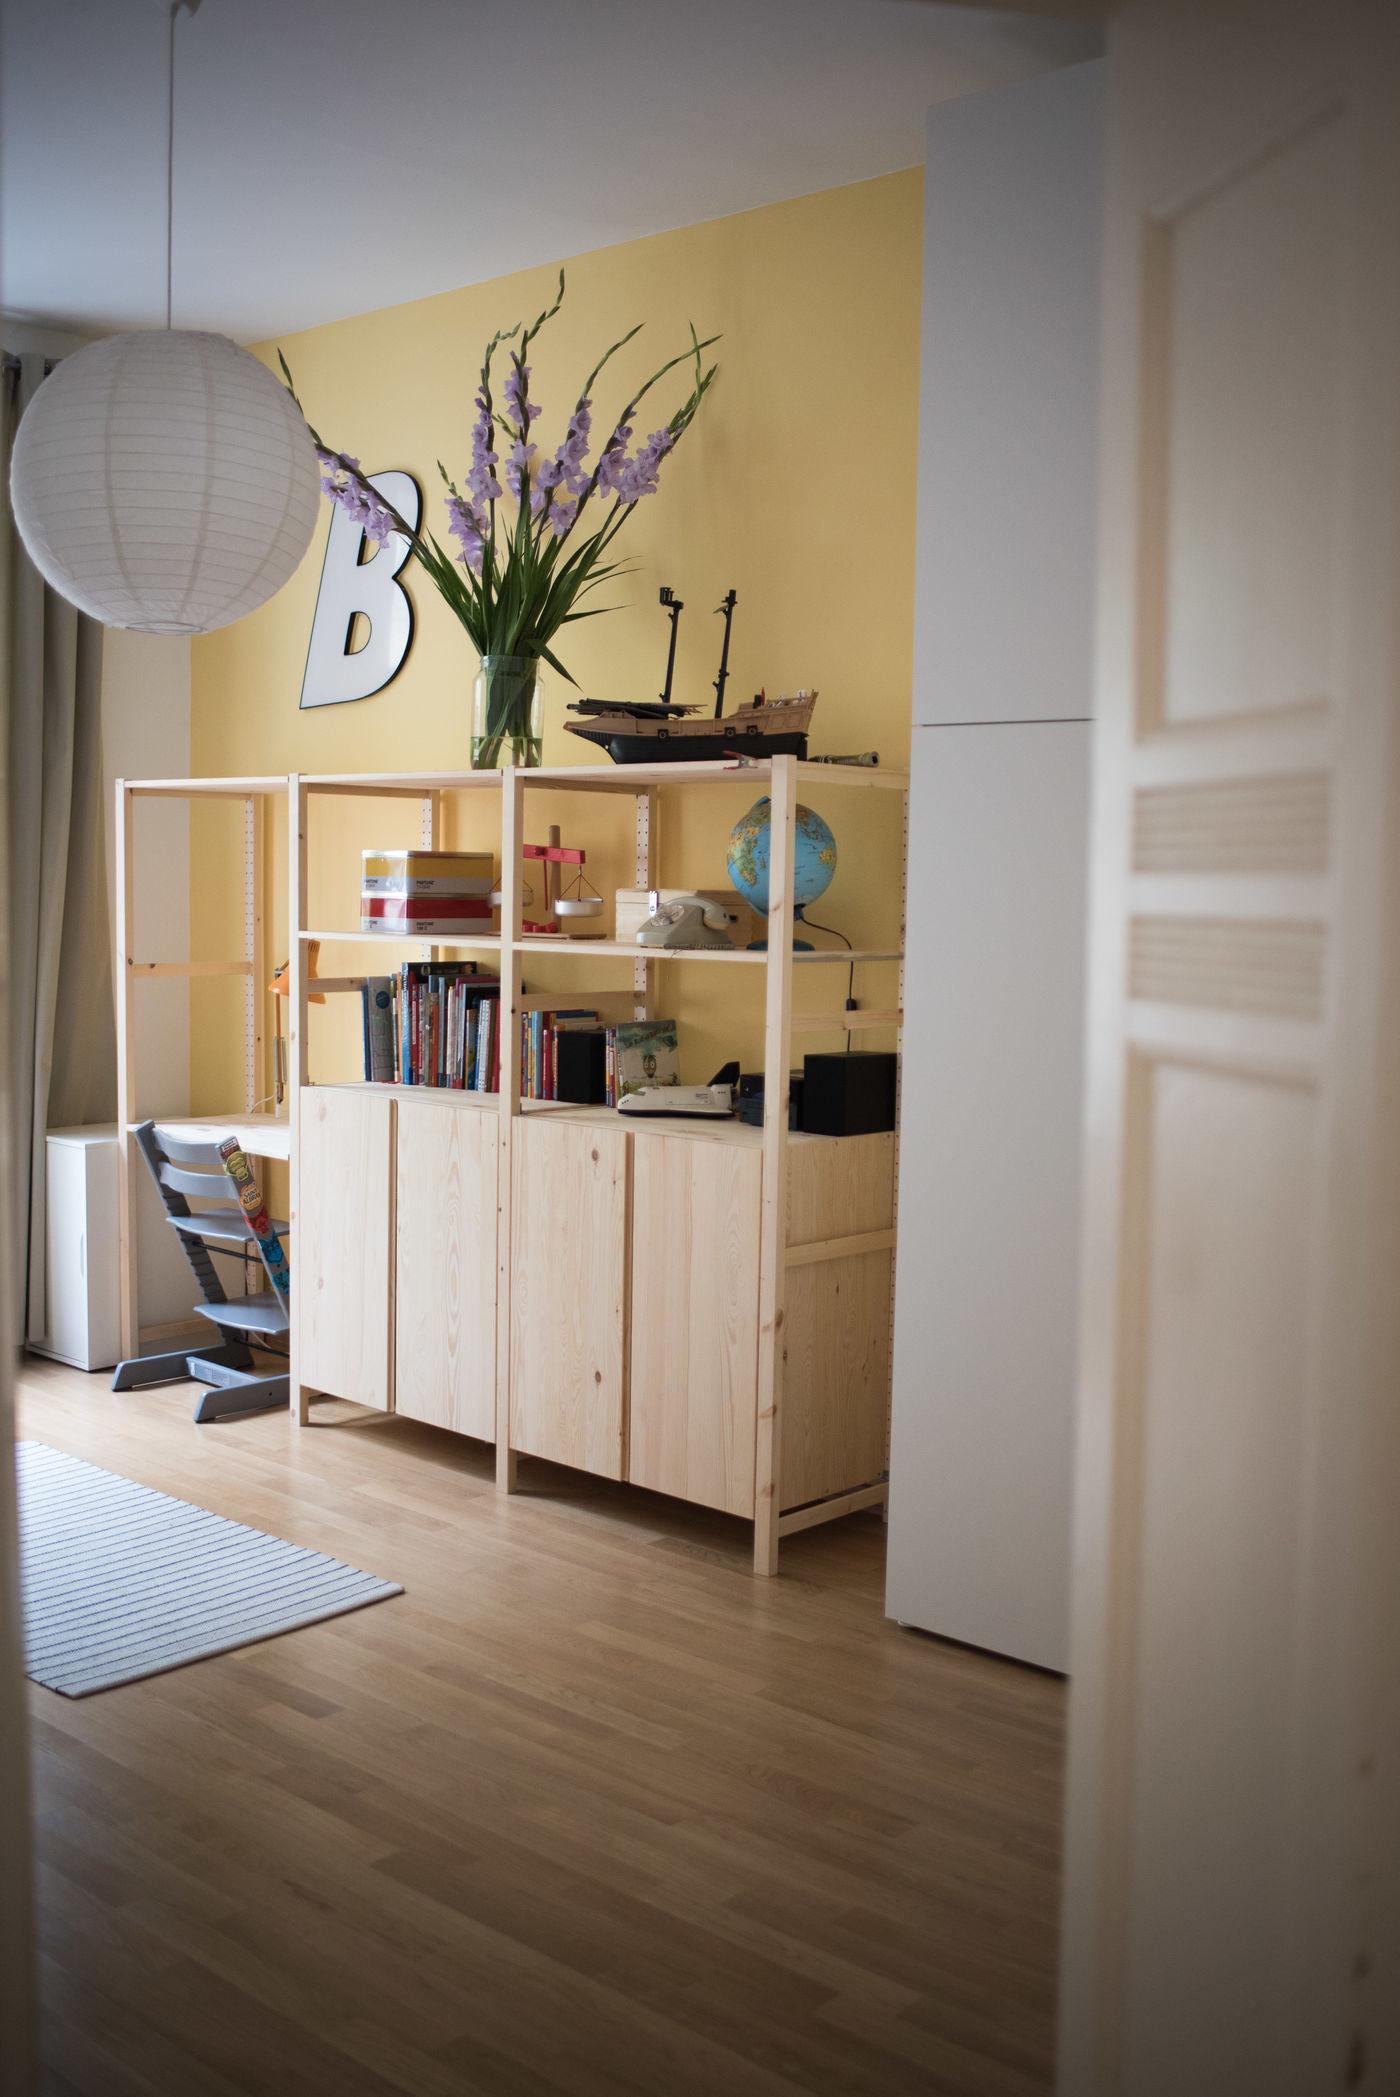 Full Size of Miniküche Mit Kühlschrank Ikea Küche Kosten Modulküche Stengel Betten Bei 160x200 Kaufen Sofa Schlaffunktion Wohnzimmer Ikea Värde Miniküche